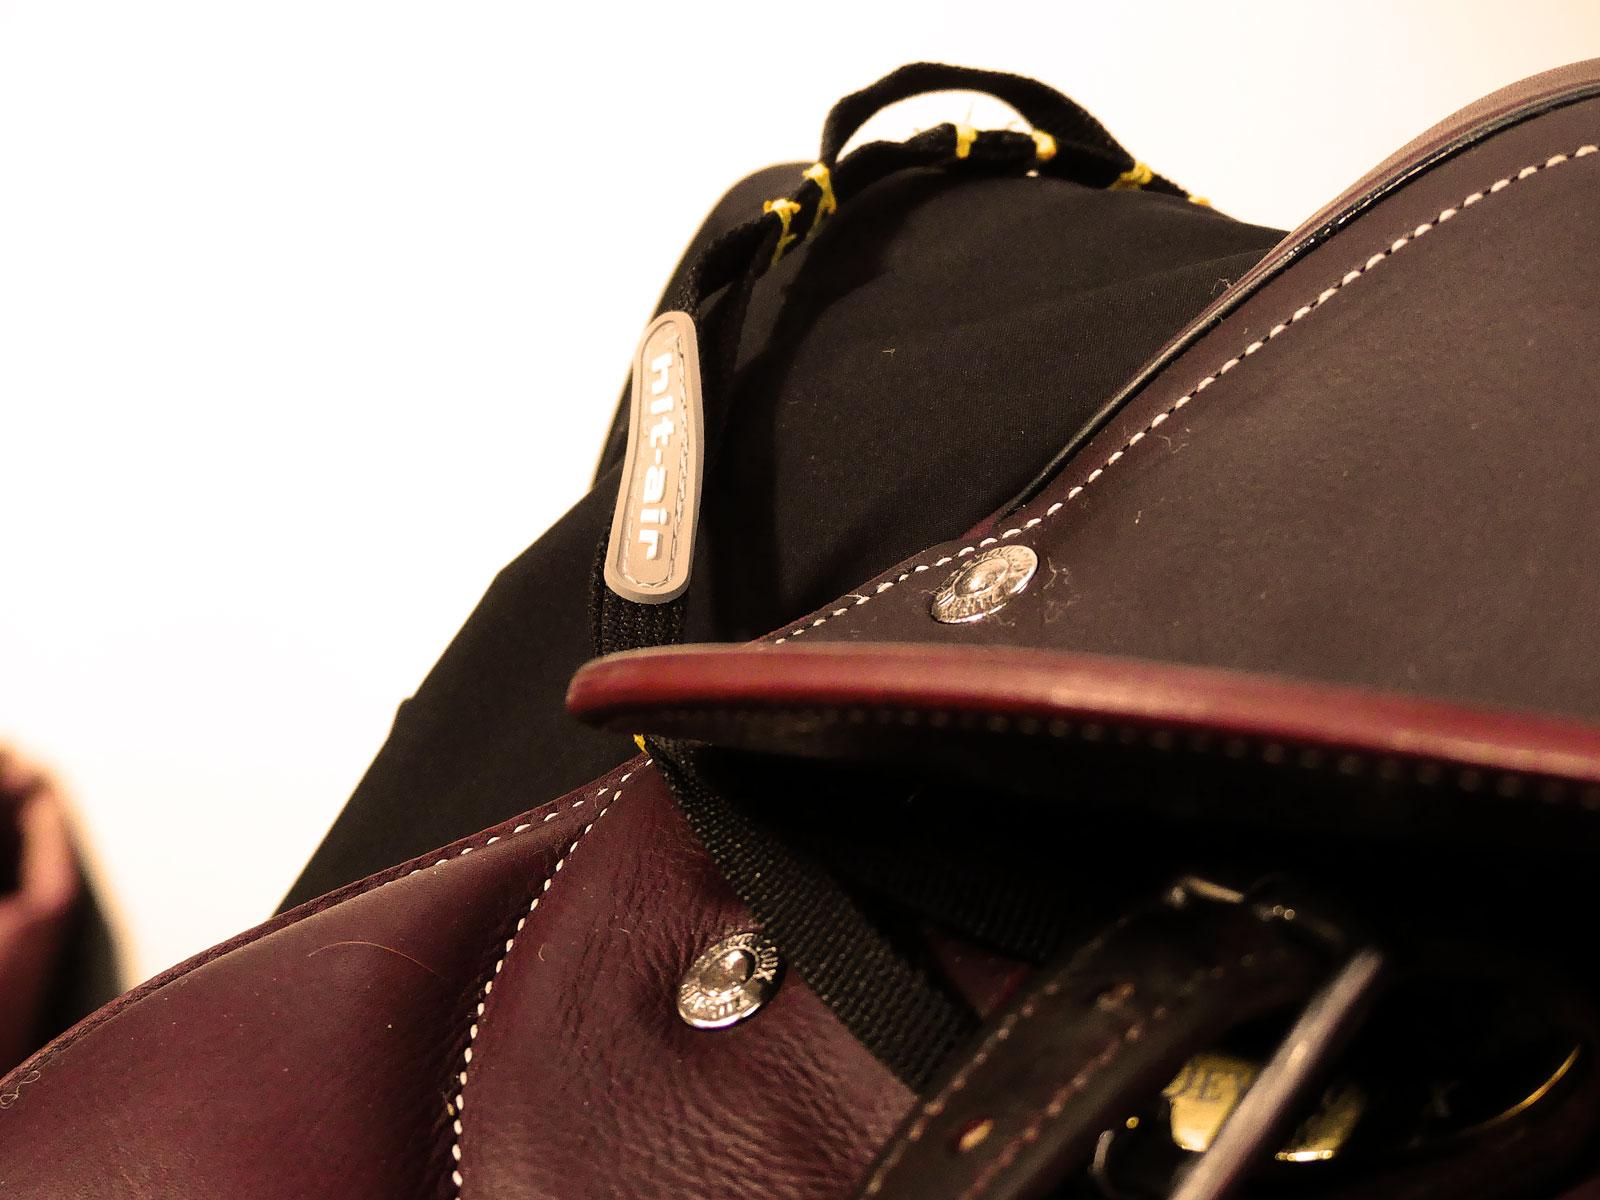 Accessoires gilet airbag sangle et cordon de déclenchement